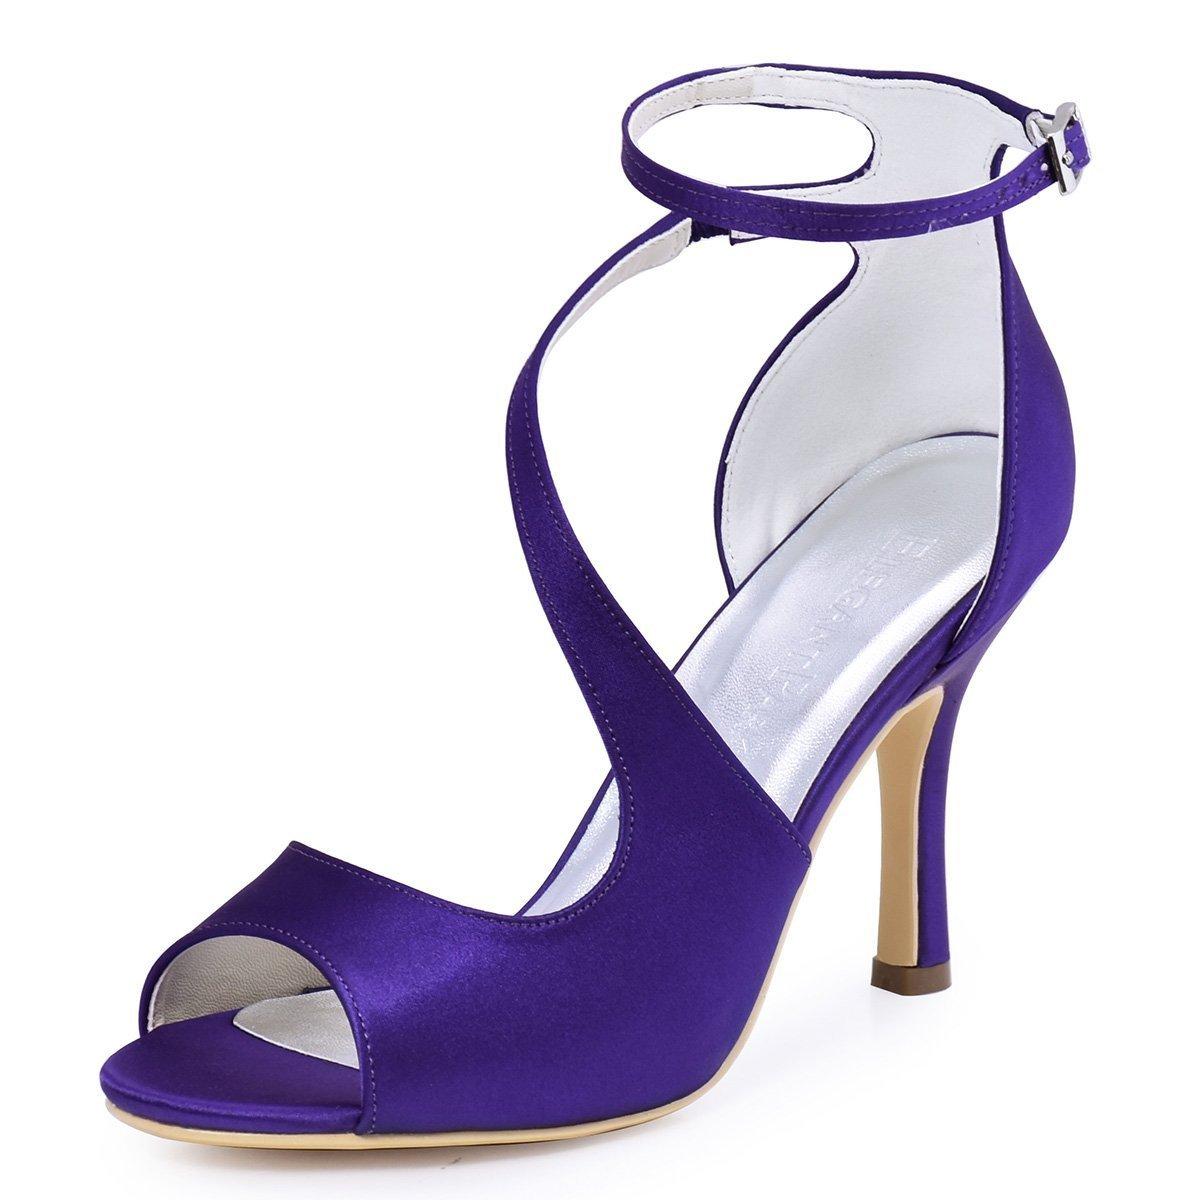 ElegantPark HP1505 Zapatos de tacón Punta abierta Rhinestones raso fiesta zapatos de novia Mujer 40 EU|Satin Morado